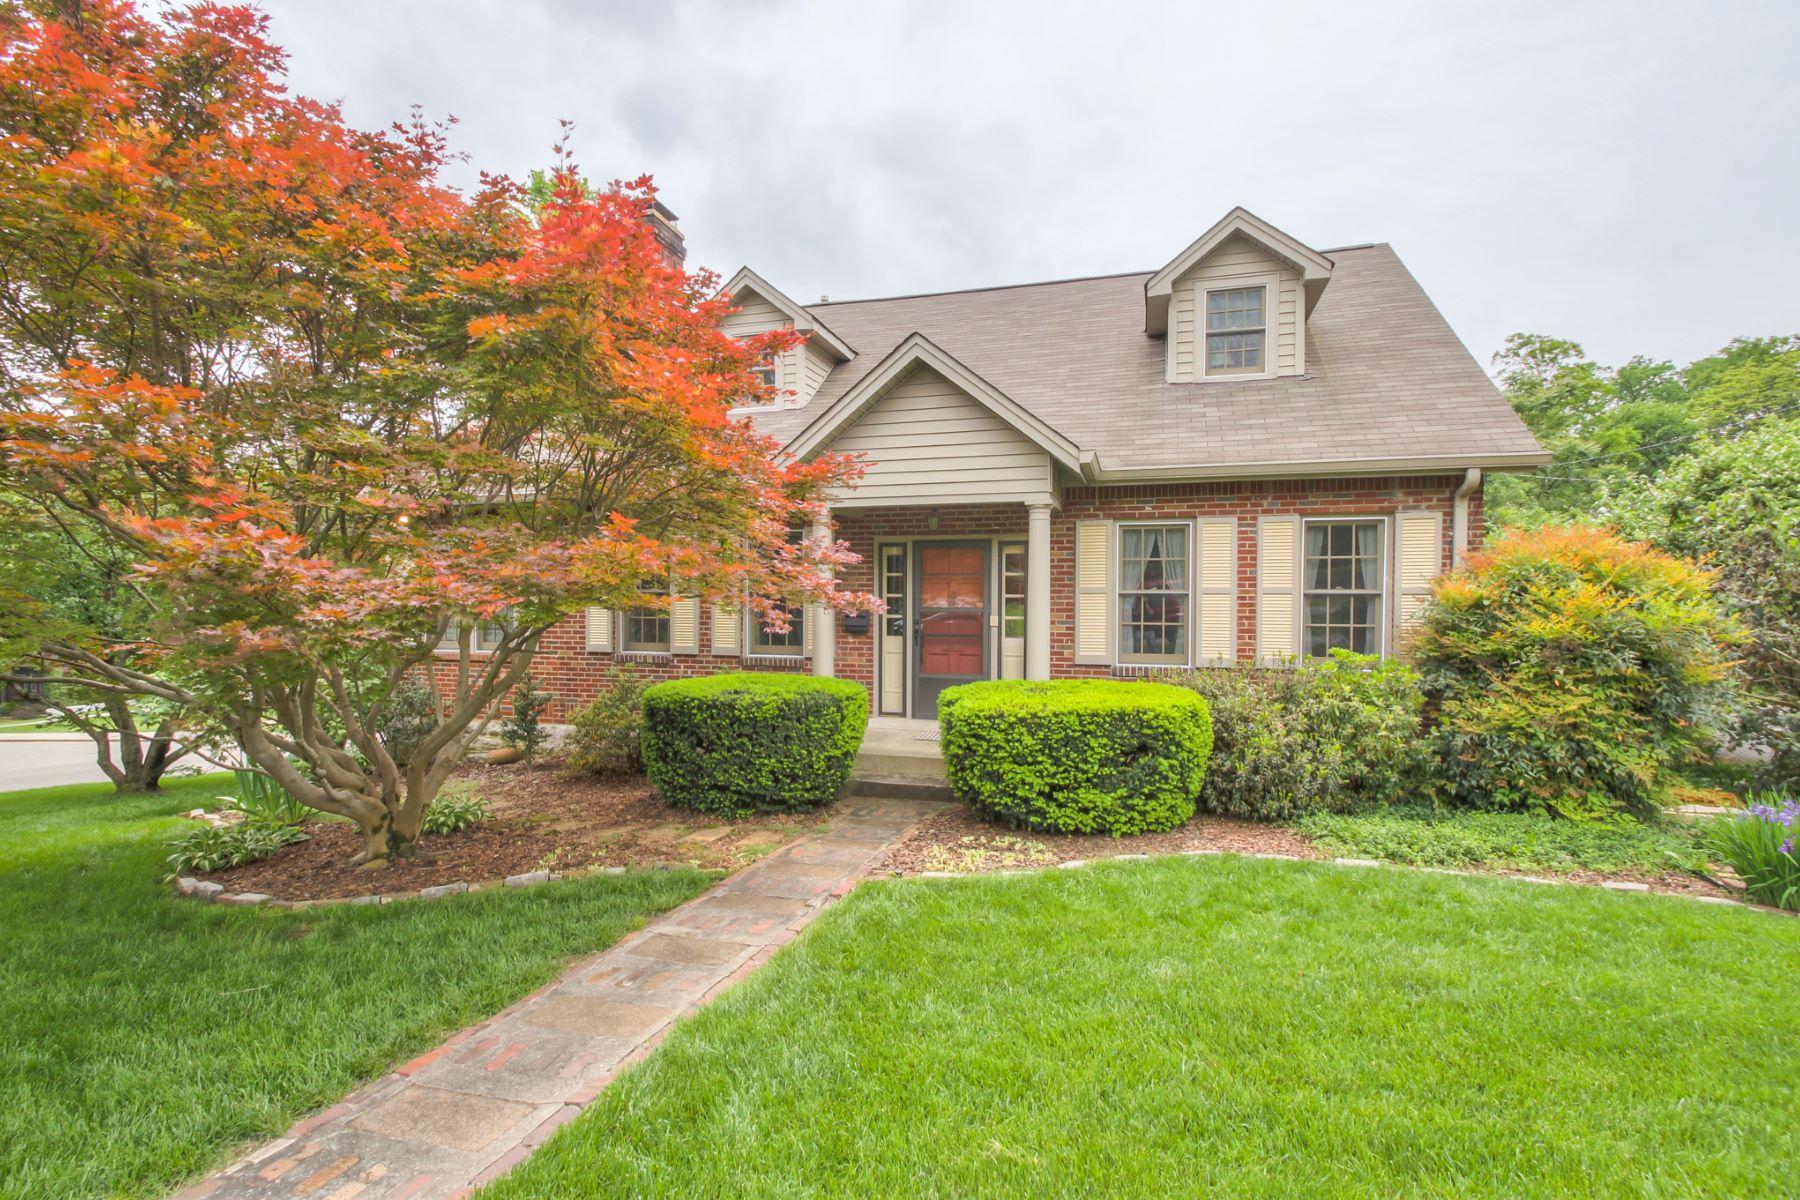 Частный односемейный дом для того Продажа на Boundless Cape Cod Home on Acklen 3201 Acklen Ave Nashville, Теннесси, 37212 Соединенные Штаты